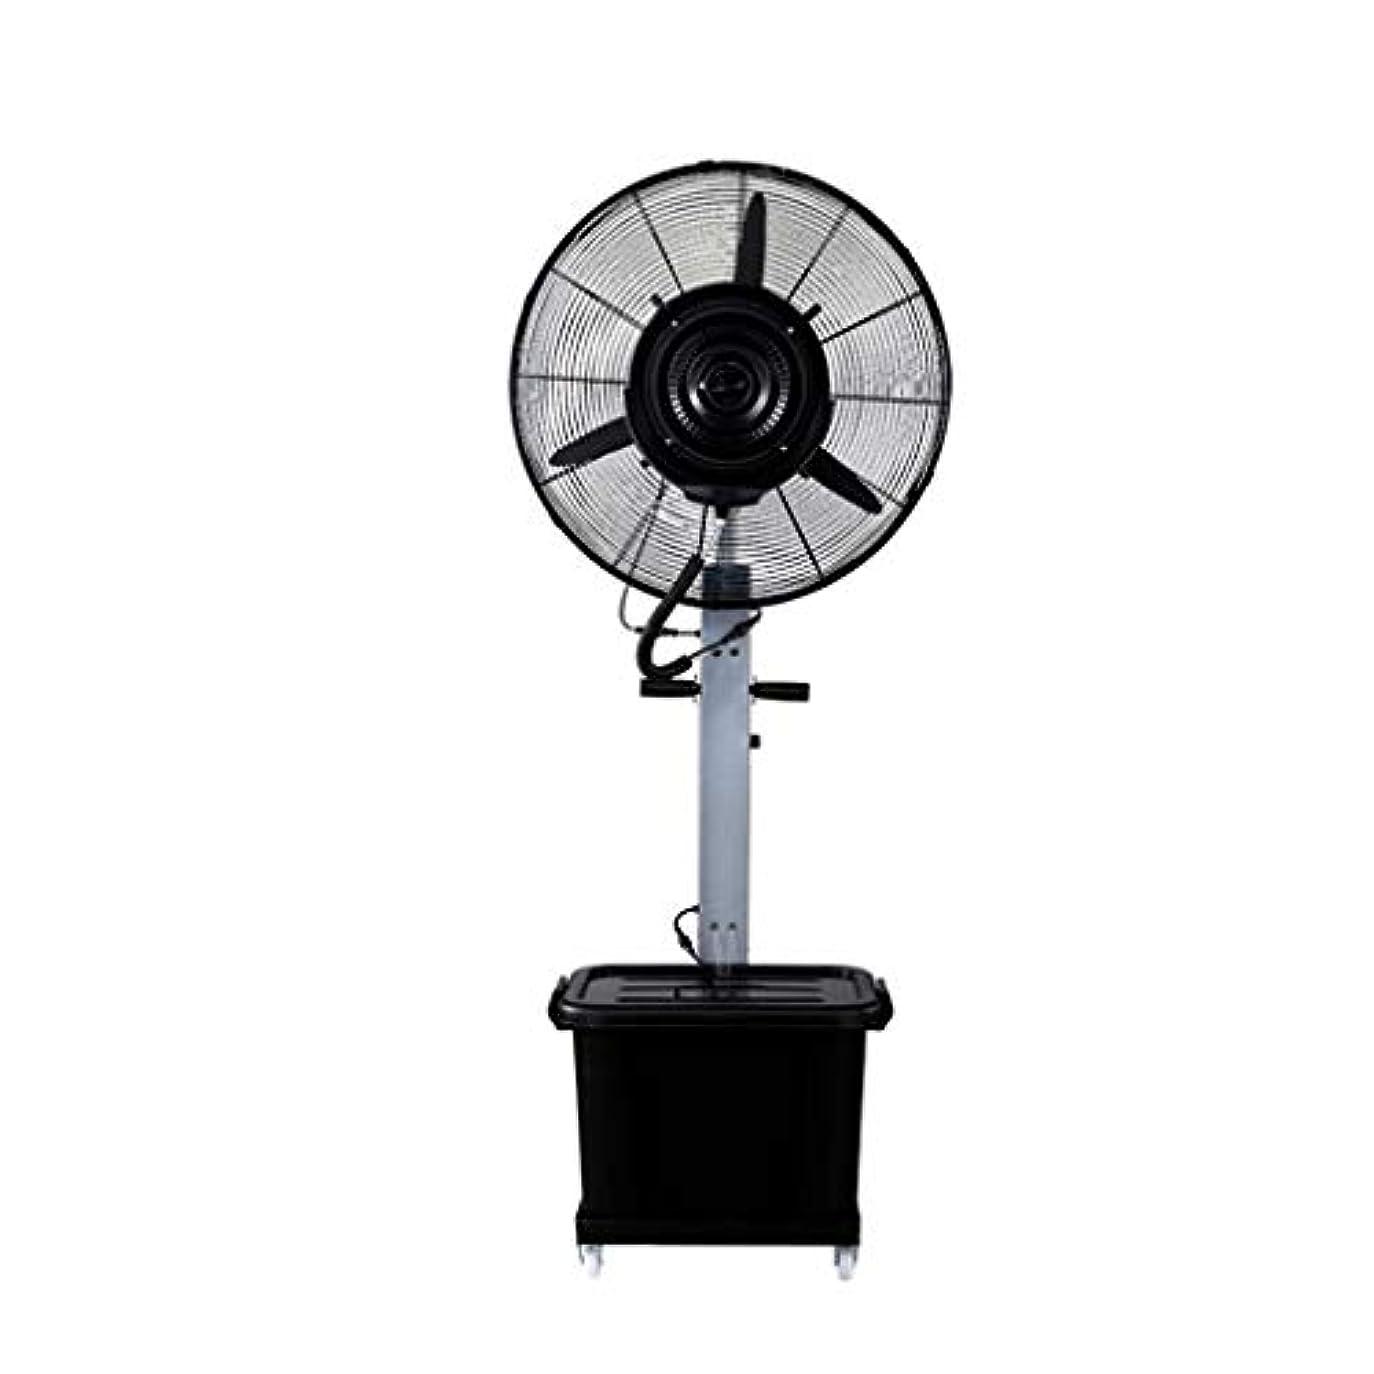 モーション是正中断工業用大型扇風機 工業用スプレーファンフロアファンウォーターミスト加湿ウォーター冷却商業用ブラックペデスタル自動ポンピング260W(シルバーグレー) 工場扇送風機